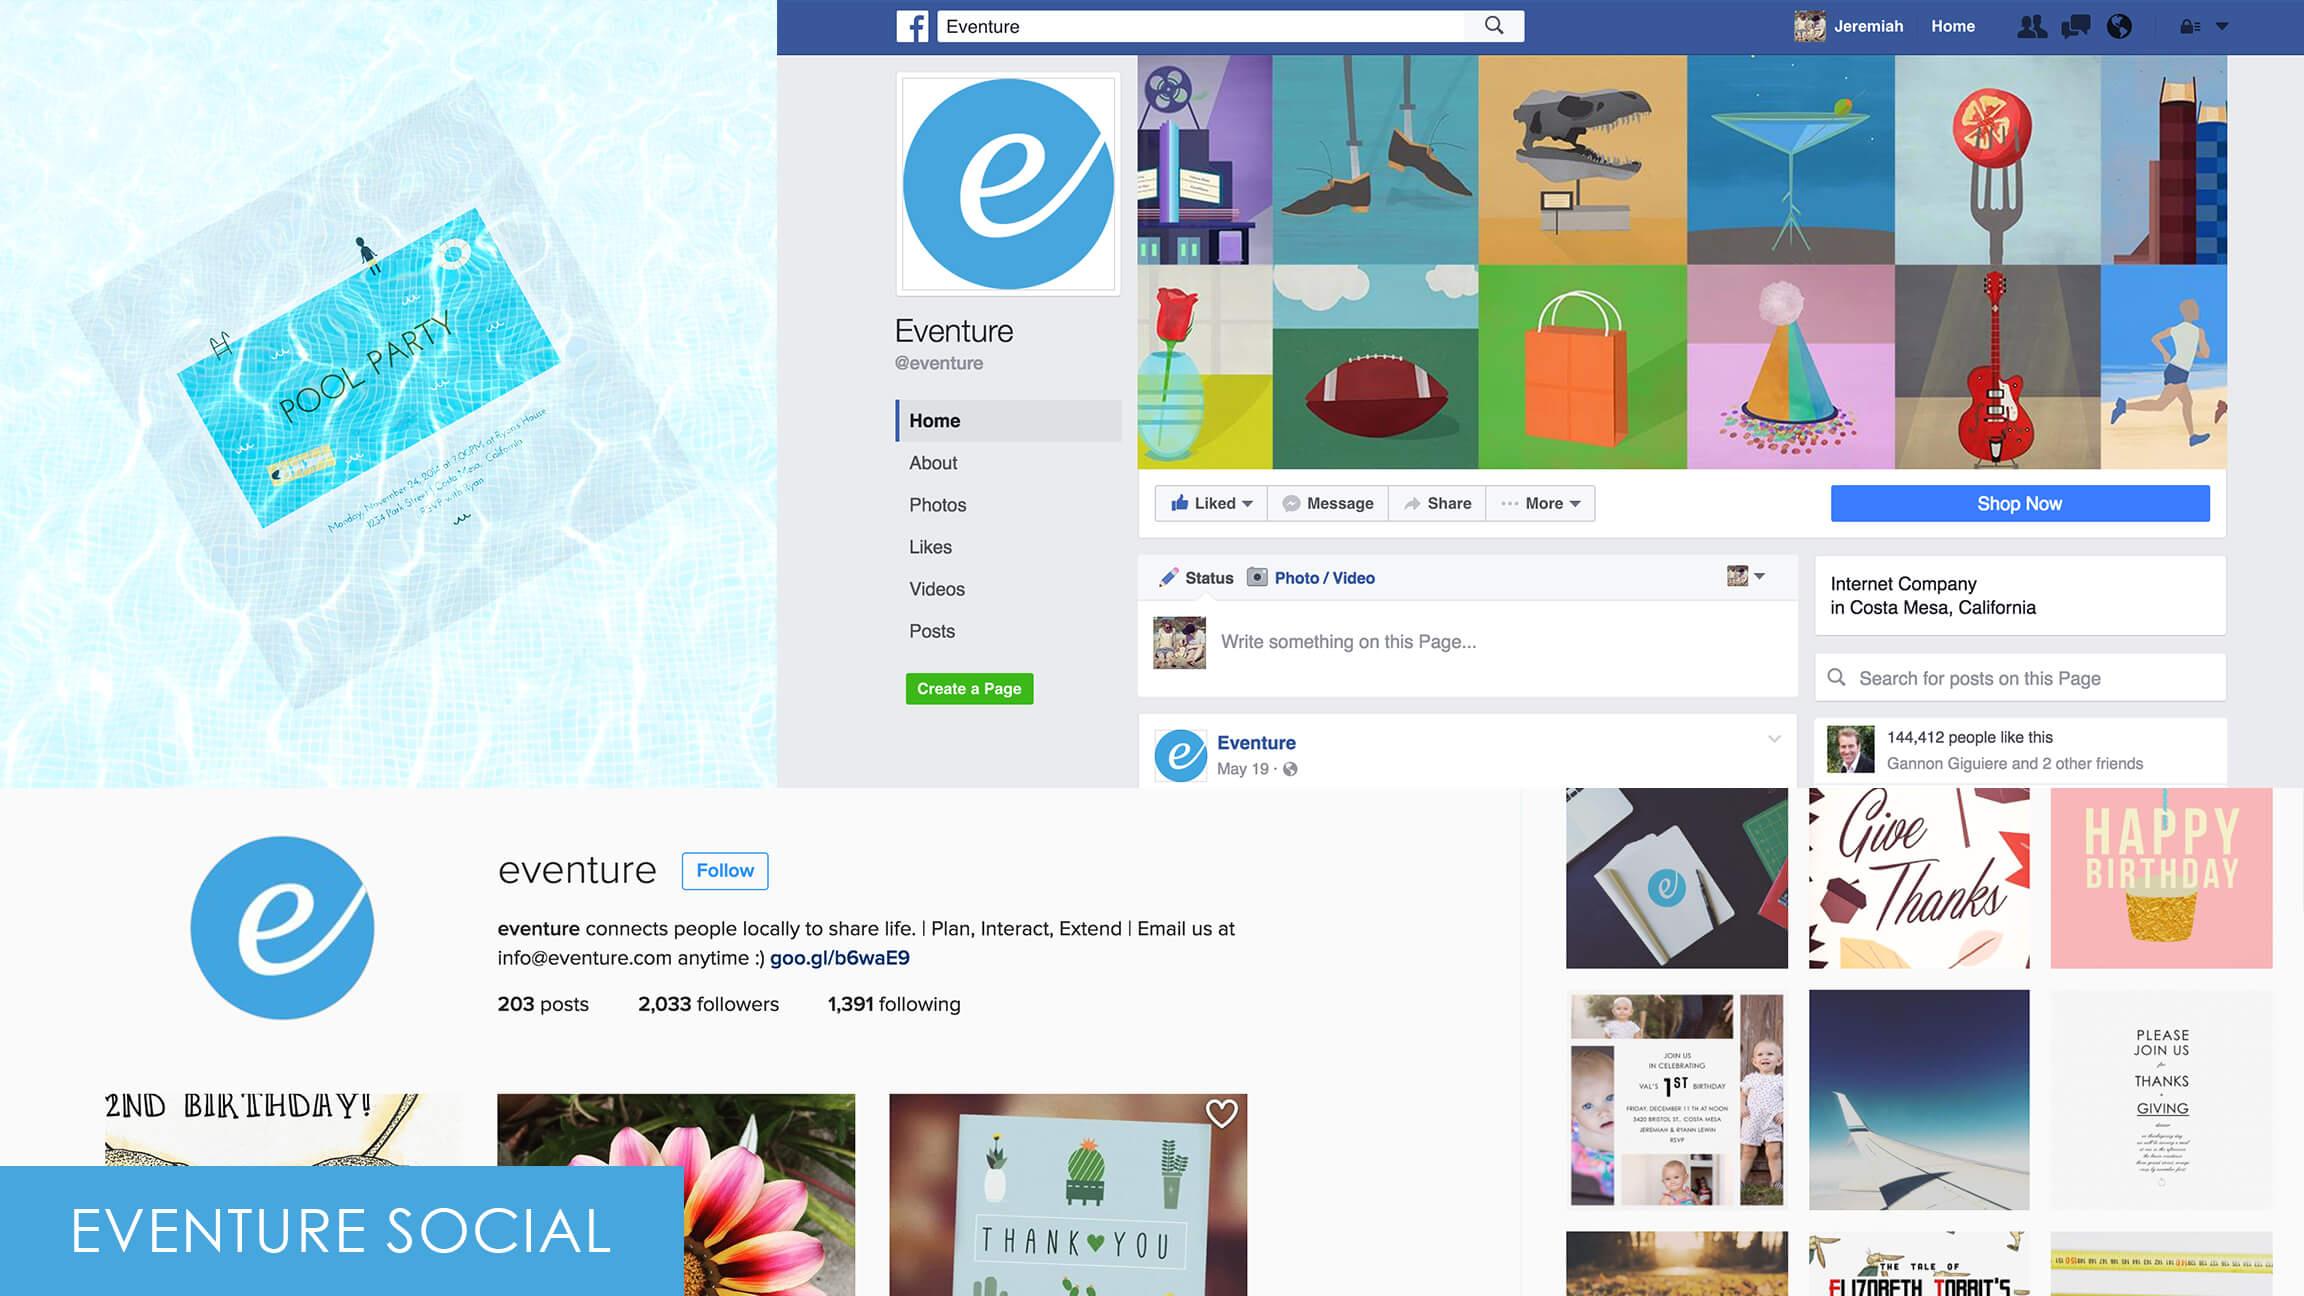 Eventure Social Media